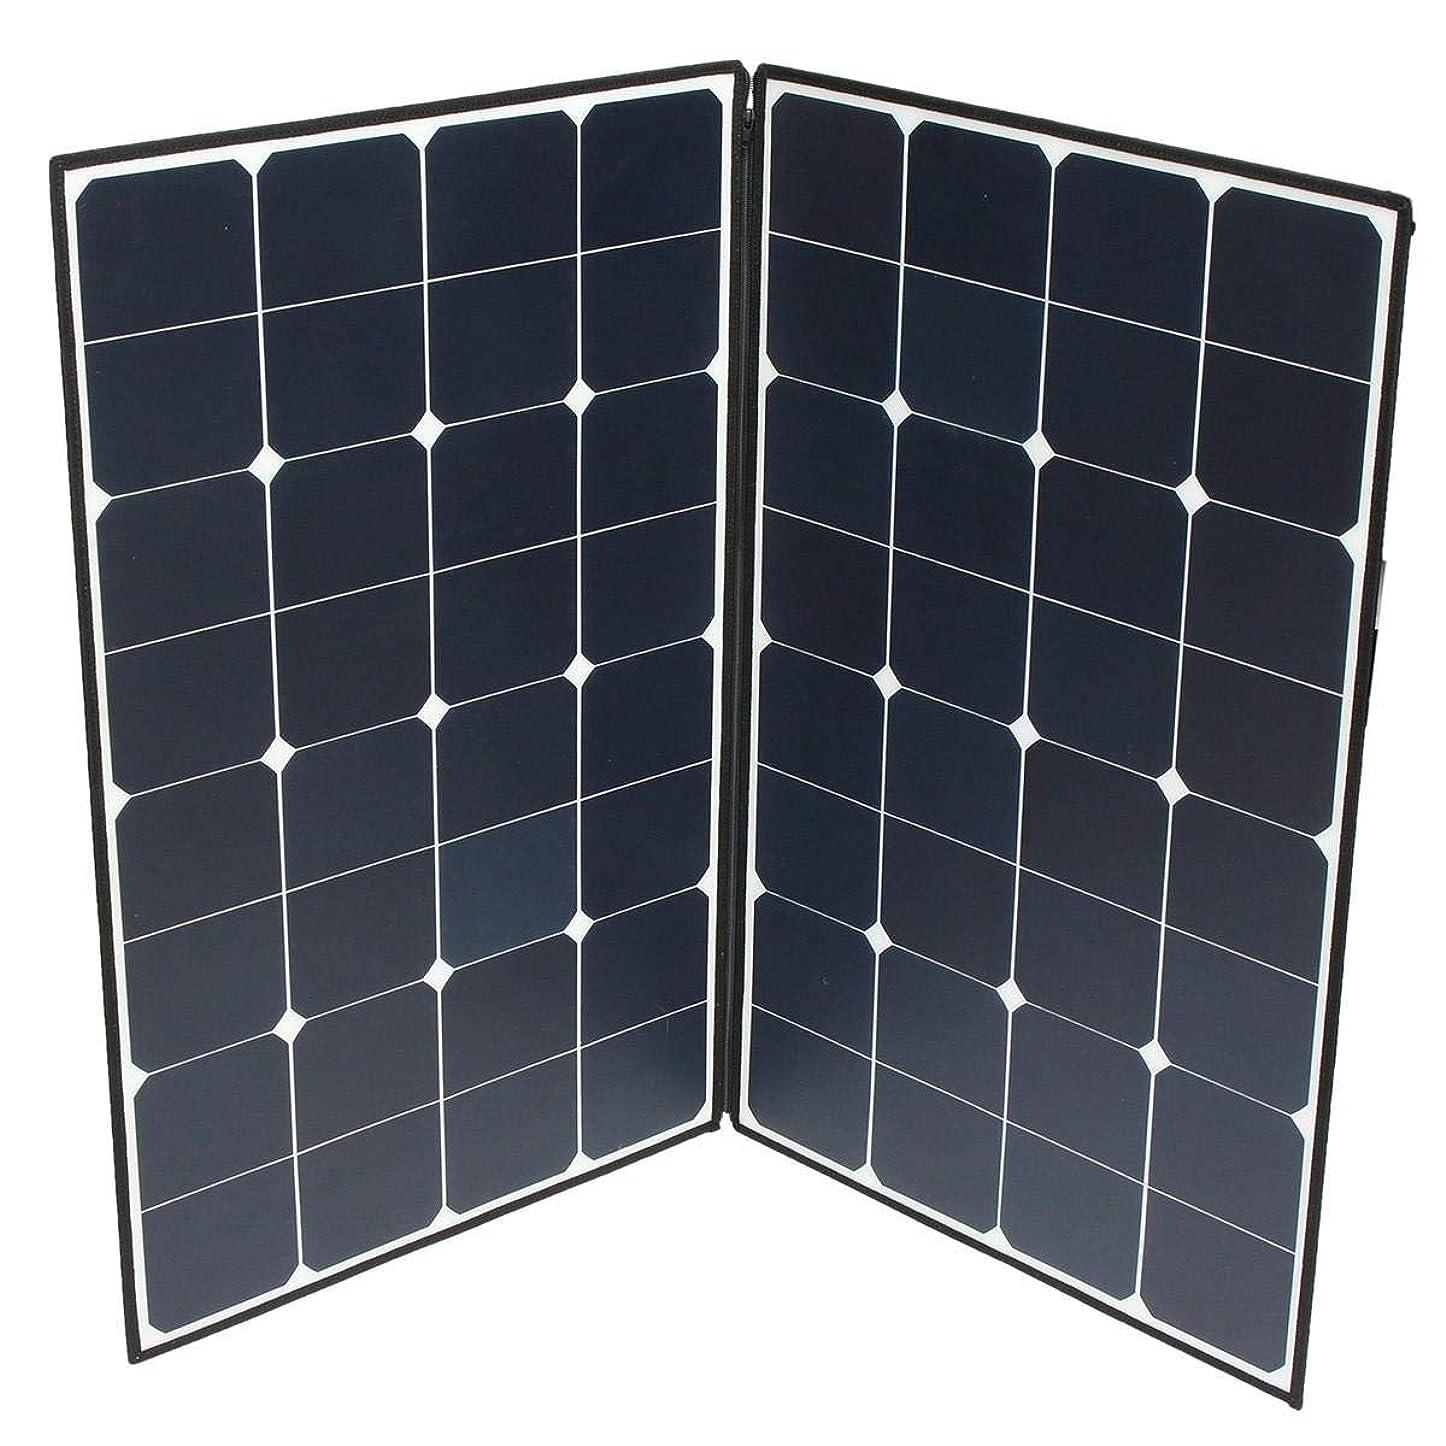 腸マディソン日没ソーラーパネル コネクタのために、2つのMC4 160W折りたたみポータブルソーラーパネル 太陽光発電 (Color : Black, Size : 84x54x2cm)